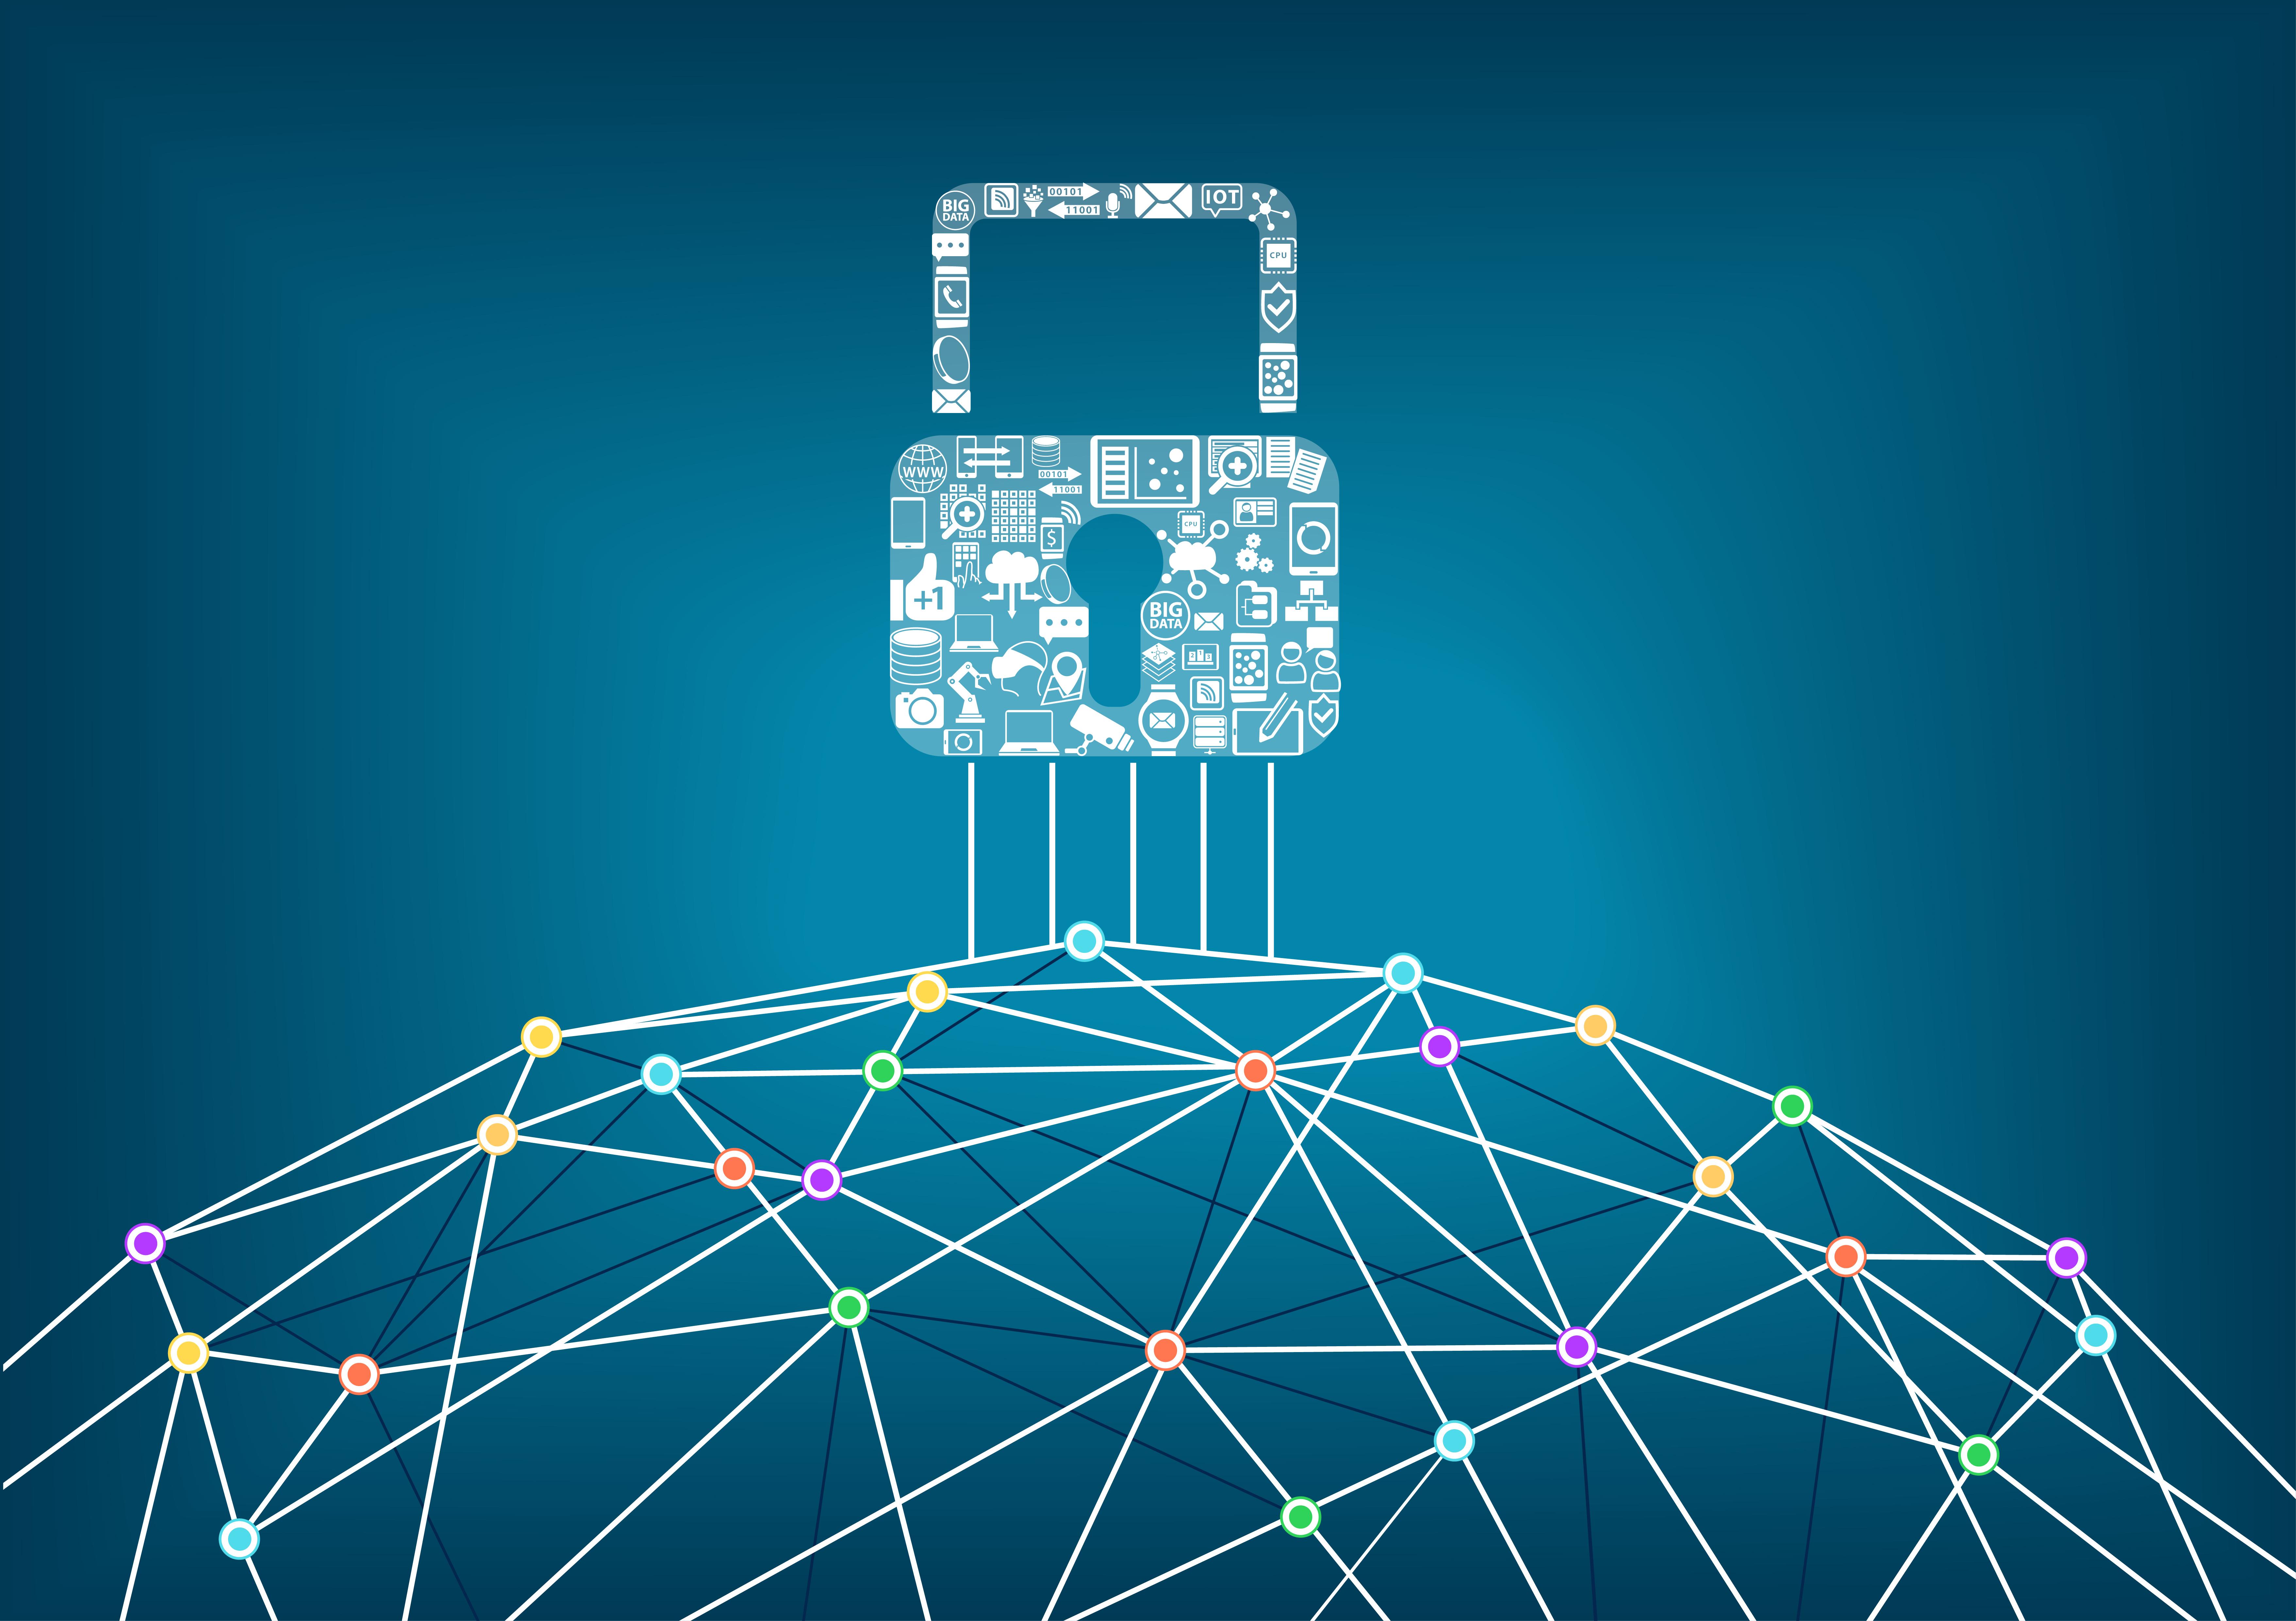 4 recursos essenciais que seu Endpoint Protection precisa possuir.